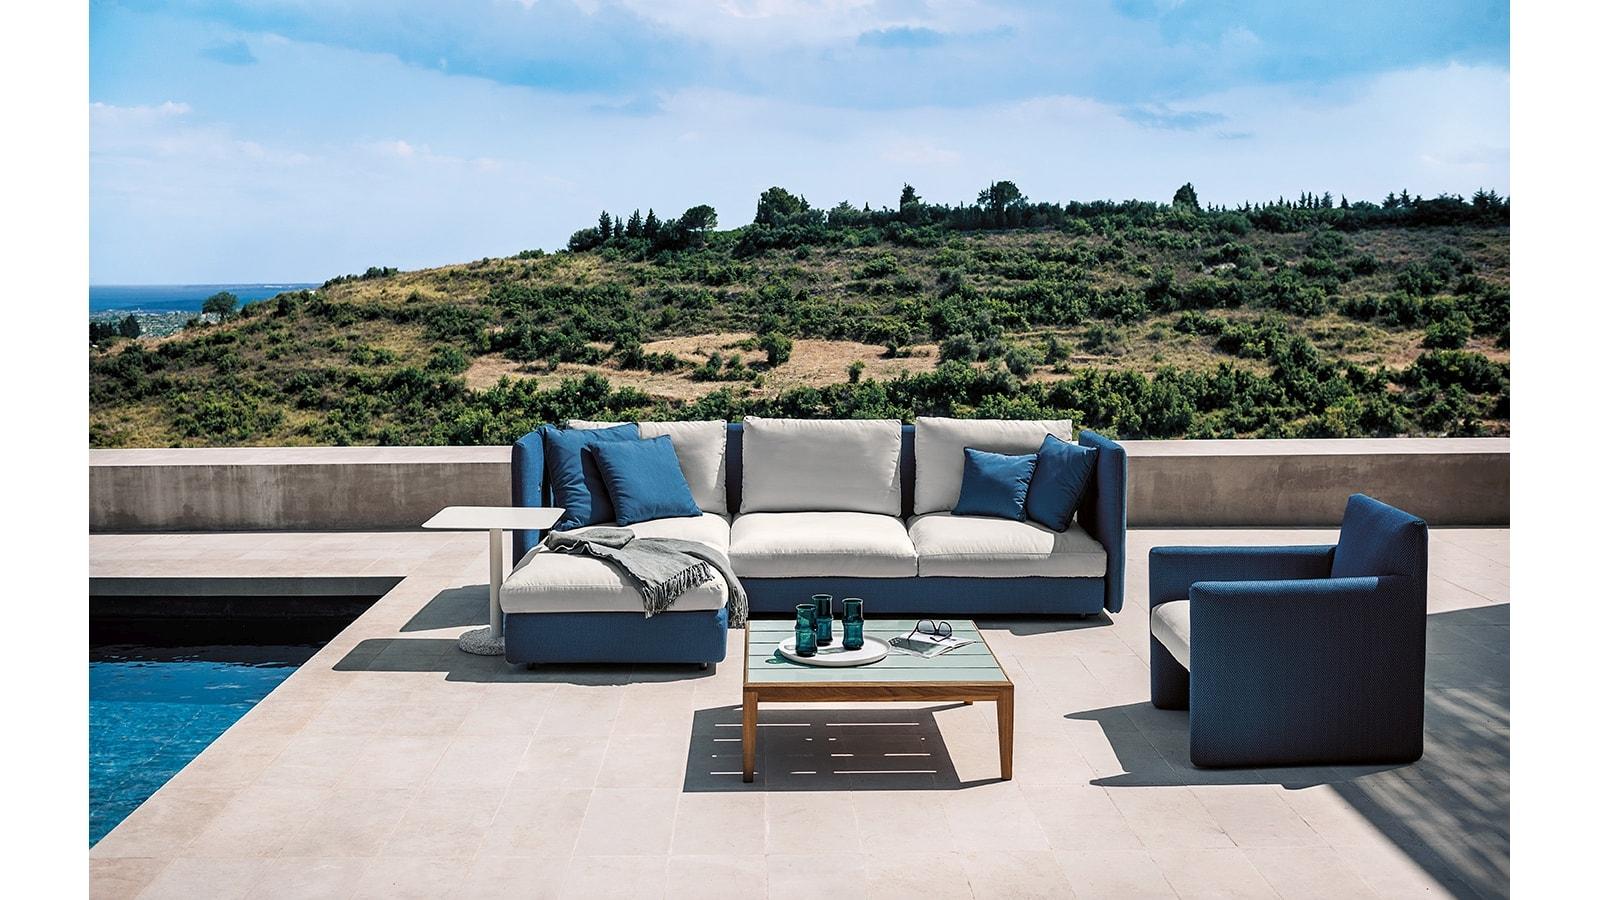 11 Double Sofa Roda Marlanteak Outdoor Furniture